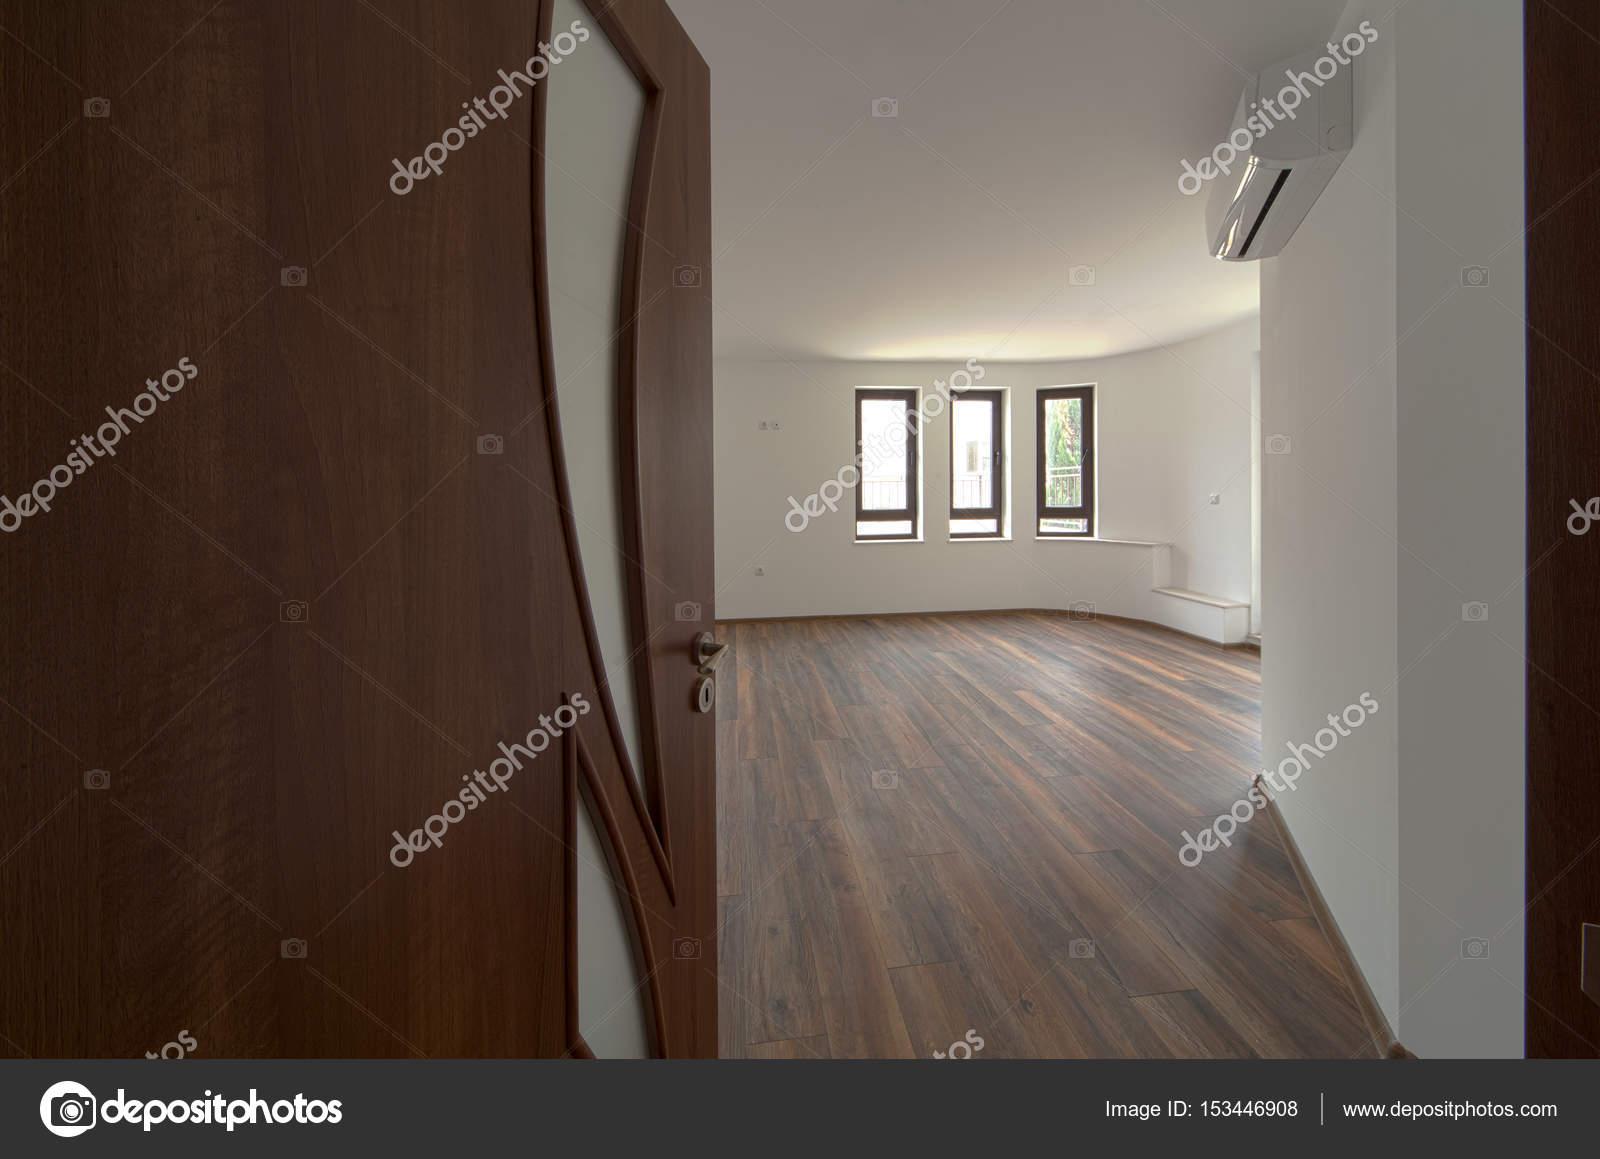 Offene Tür in einen leeren Raum. Innenraum. Willkommen Sie zum neuen ...